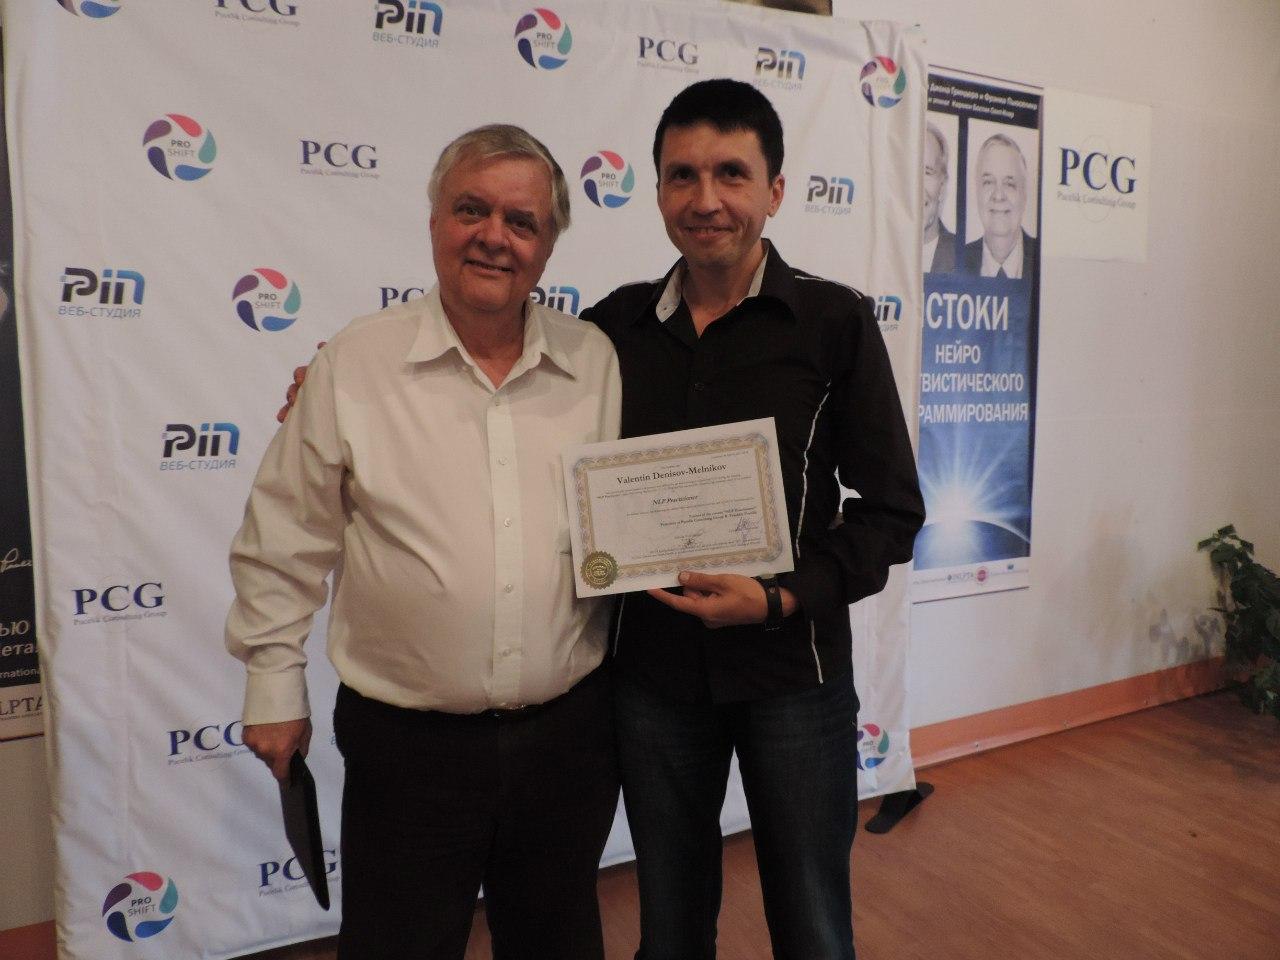 Валентин Денисов-Мельников психолог-консультант, психологическое консультирование, психологическая помощь